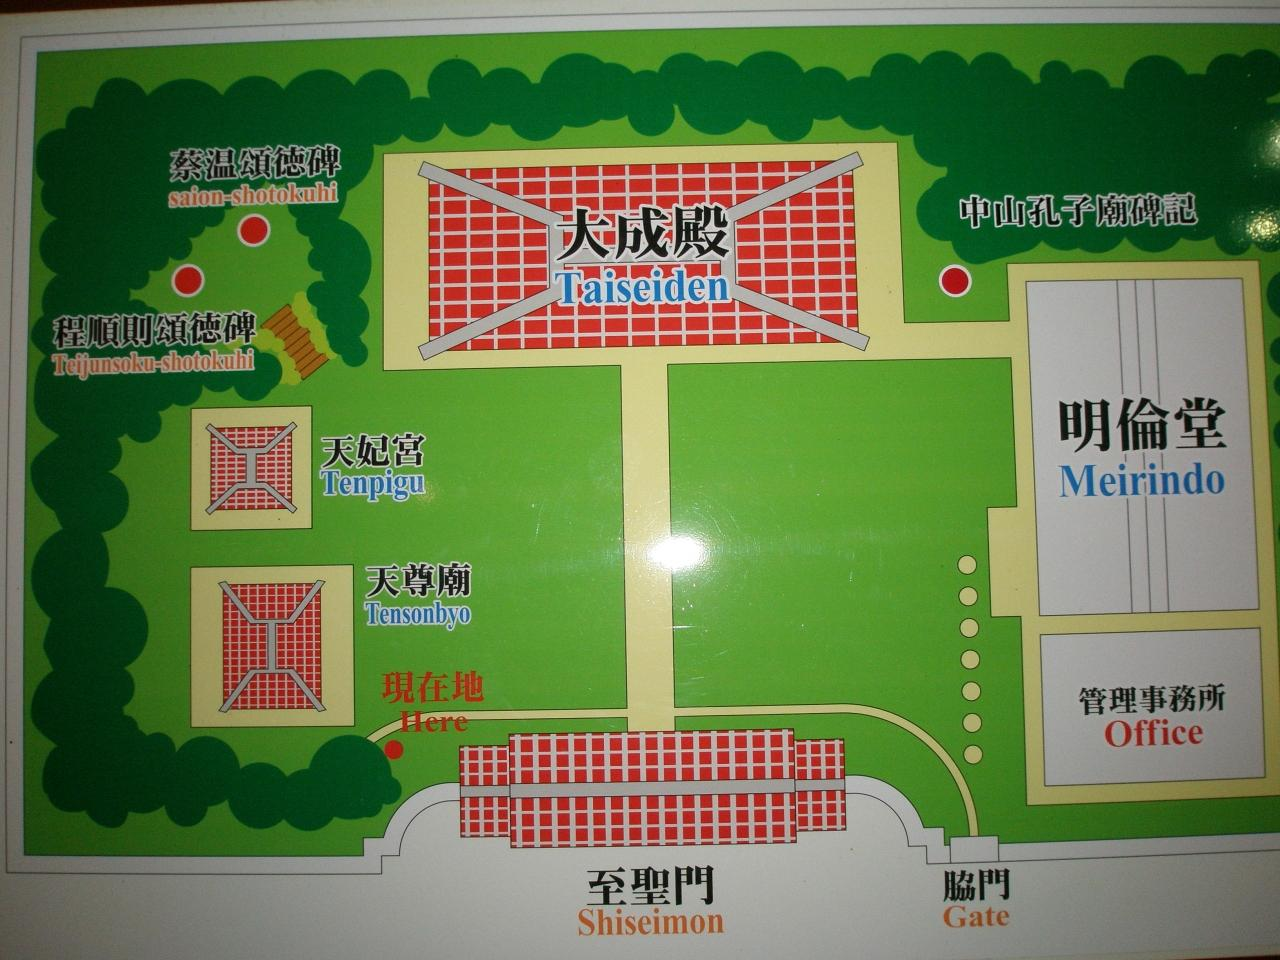 沖縄と中国福建省 3 久米崇聖会 琉球の礎築いた「三十六姓」 孔子生誕を祝う